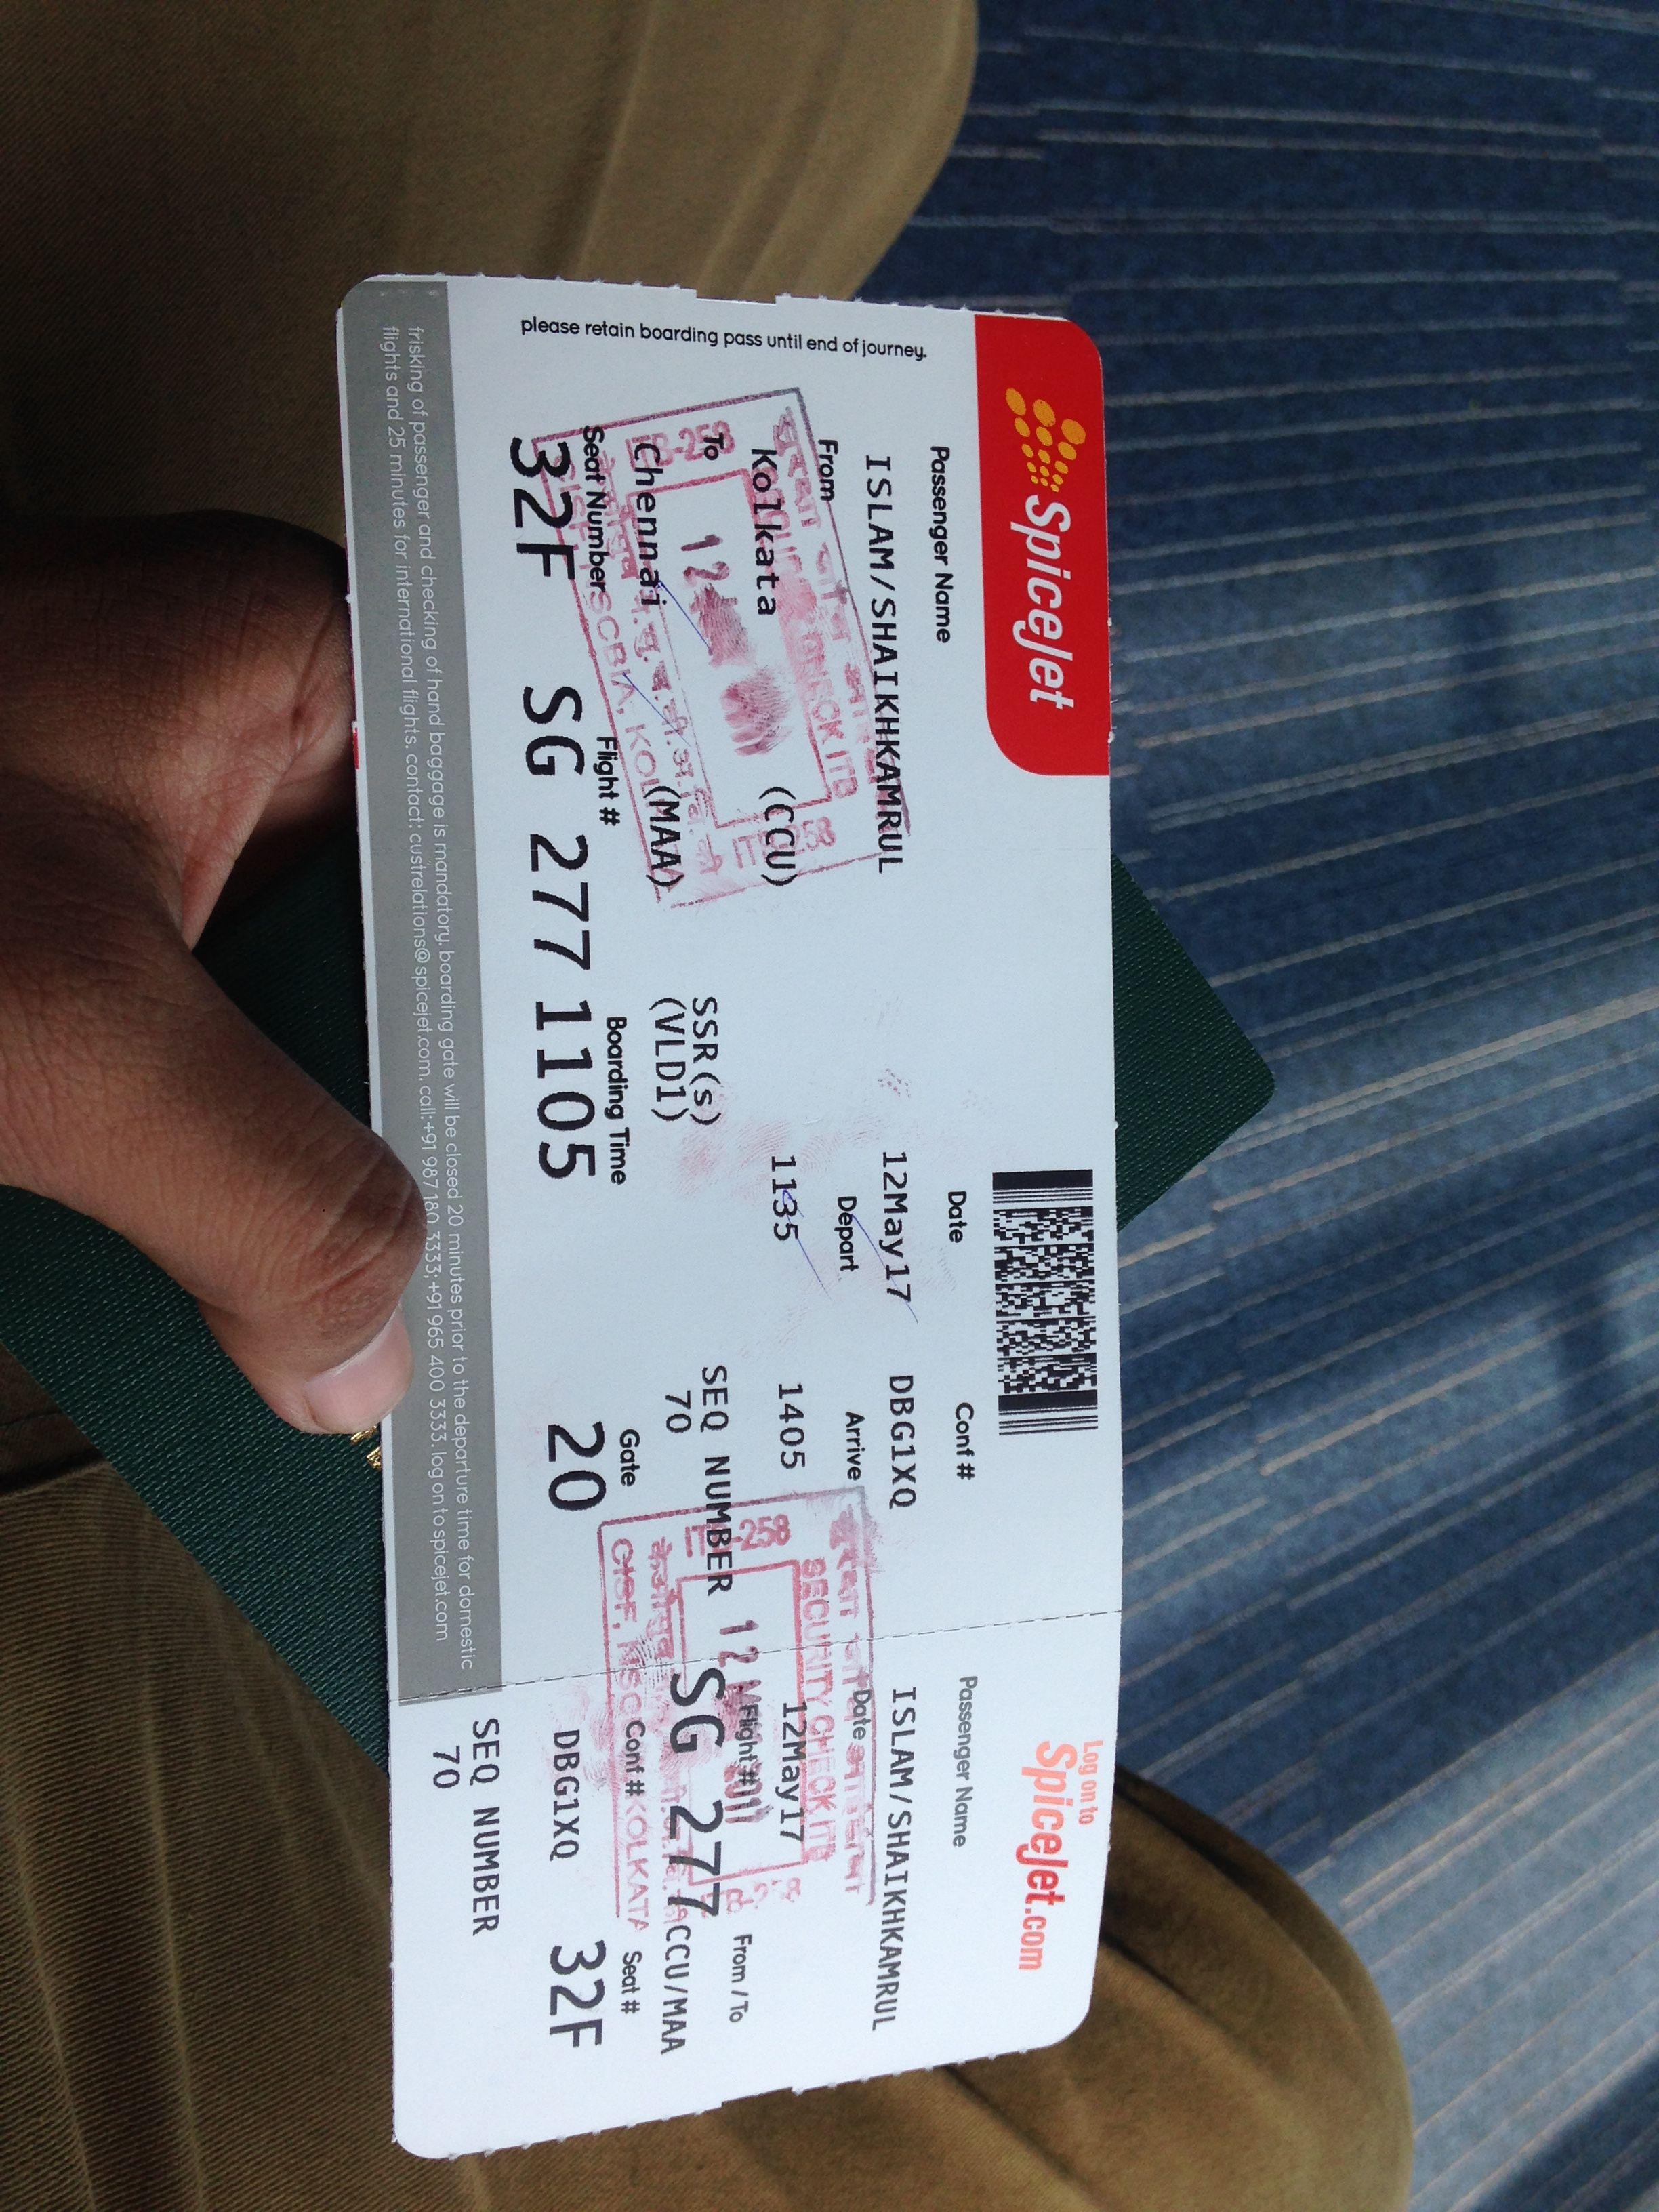 Pin by Konok Kamrul on INDIA_TOUR India tour, Passenger